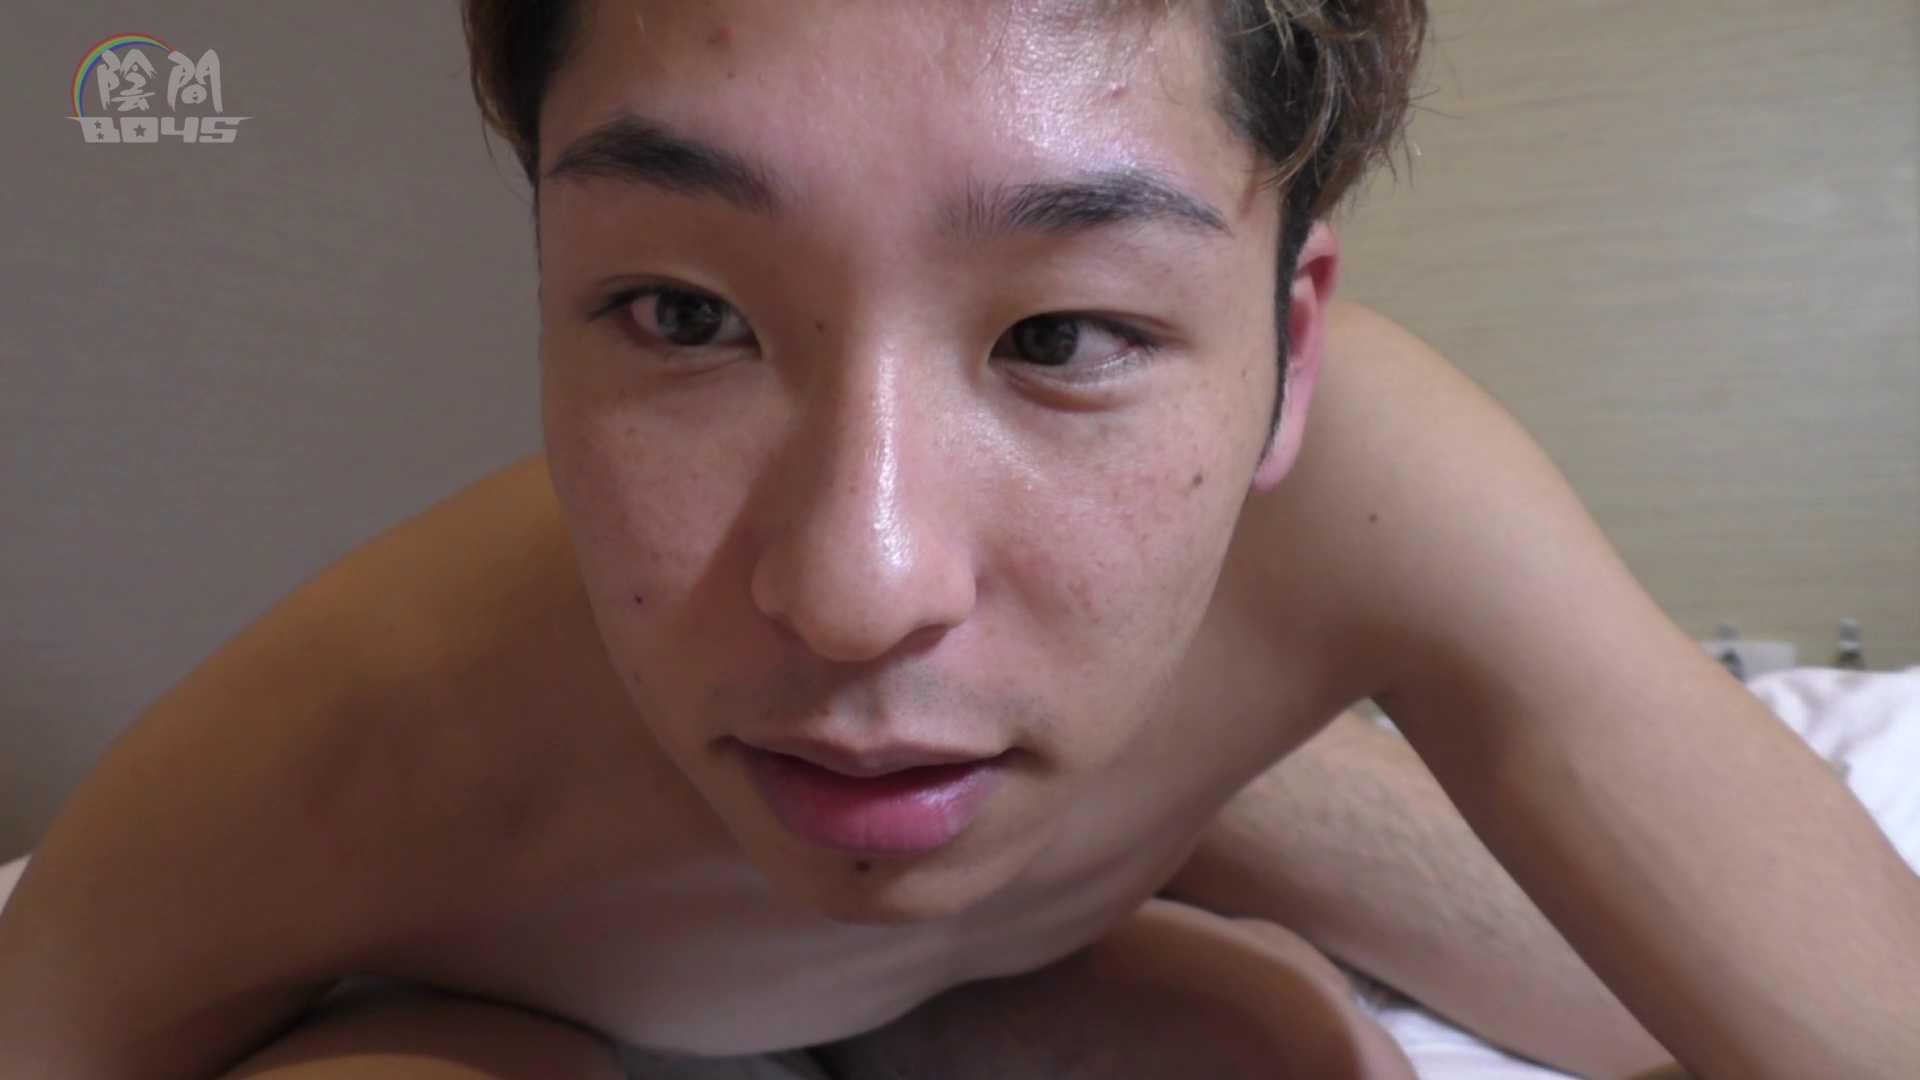 デカチン探偵かしこまりpart2 No.05 男どうし ゲイエロビデオ画像 60pic 6